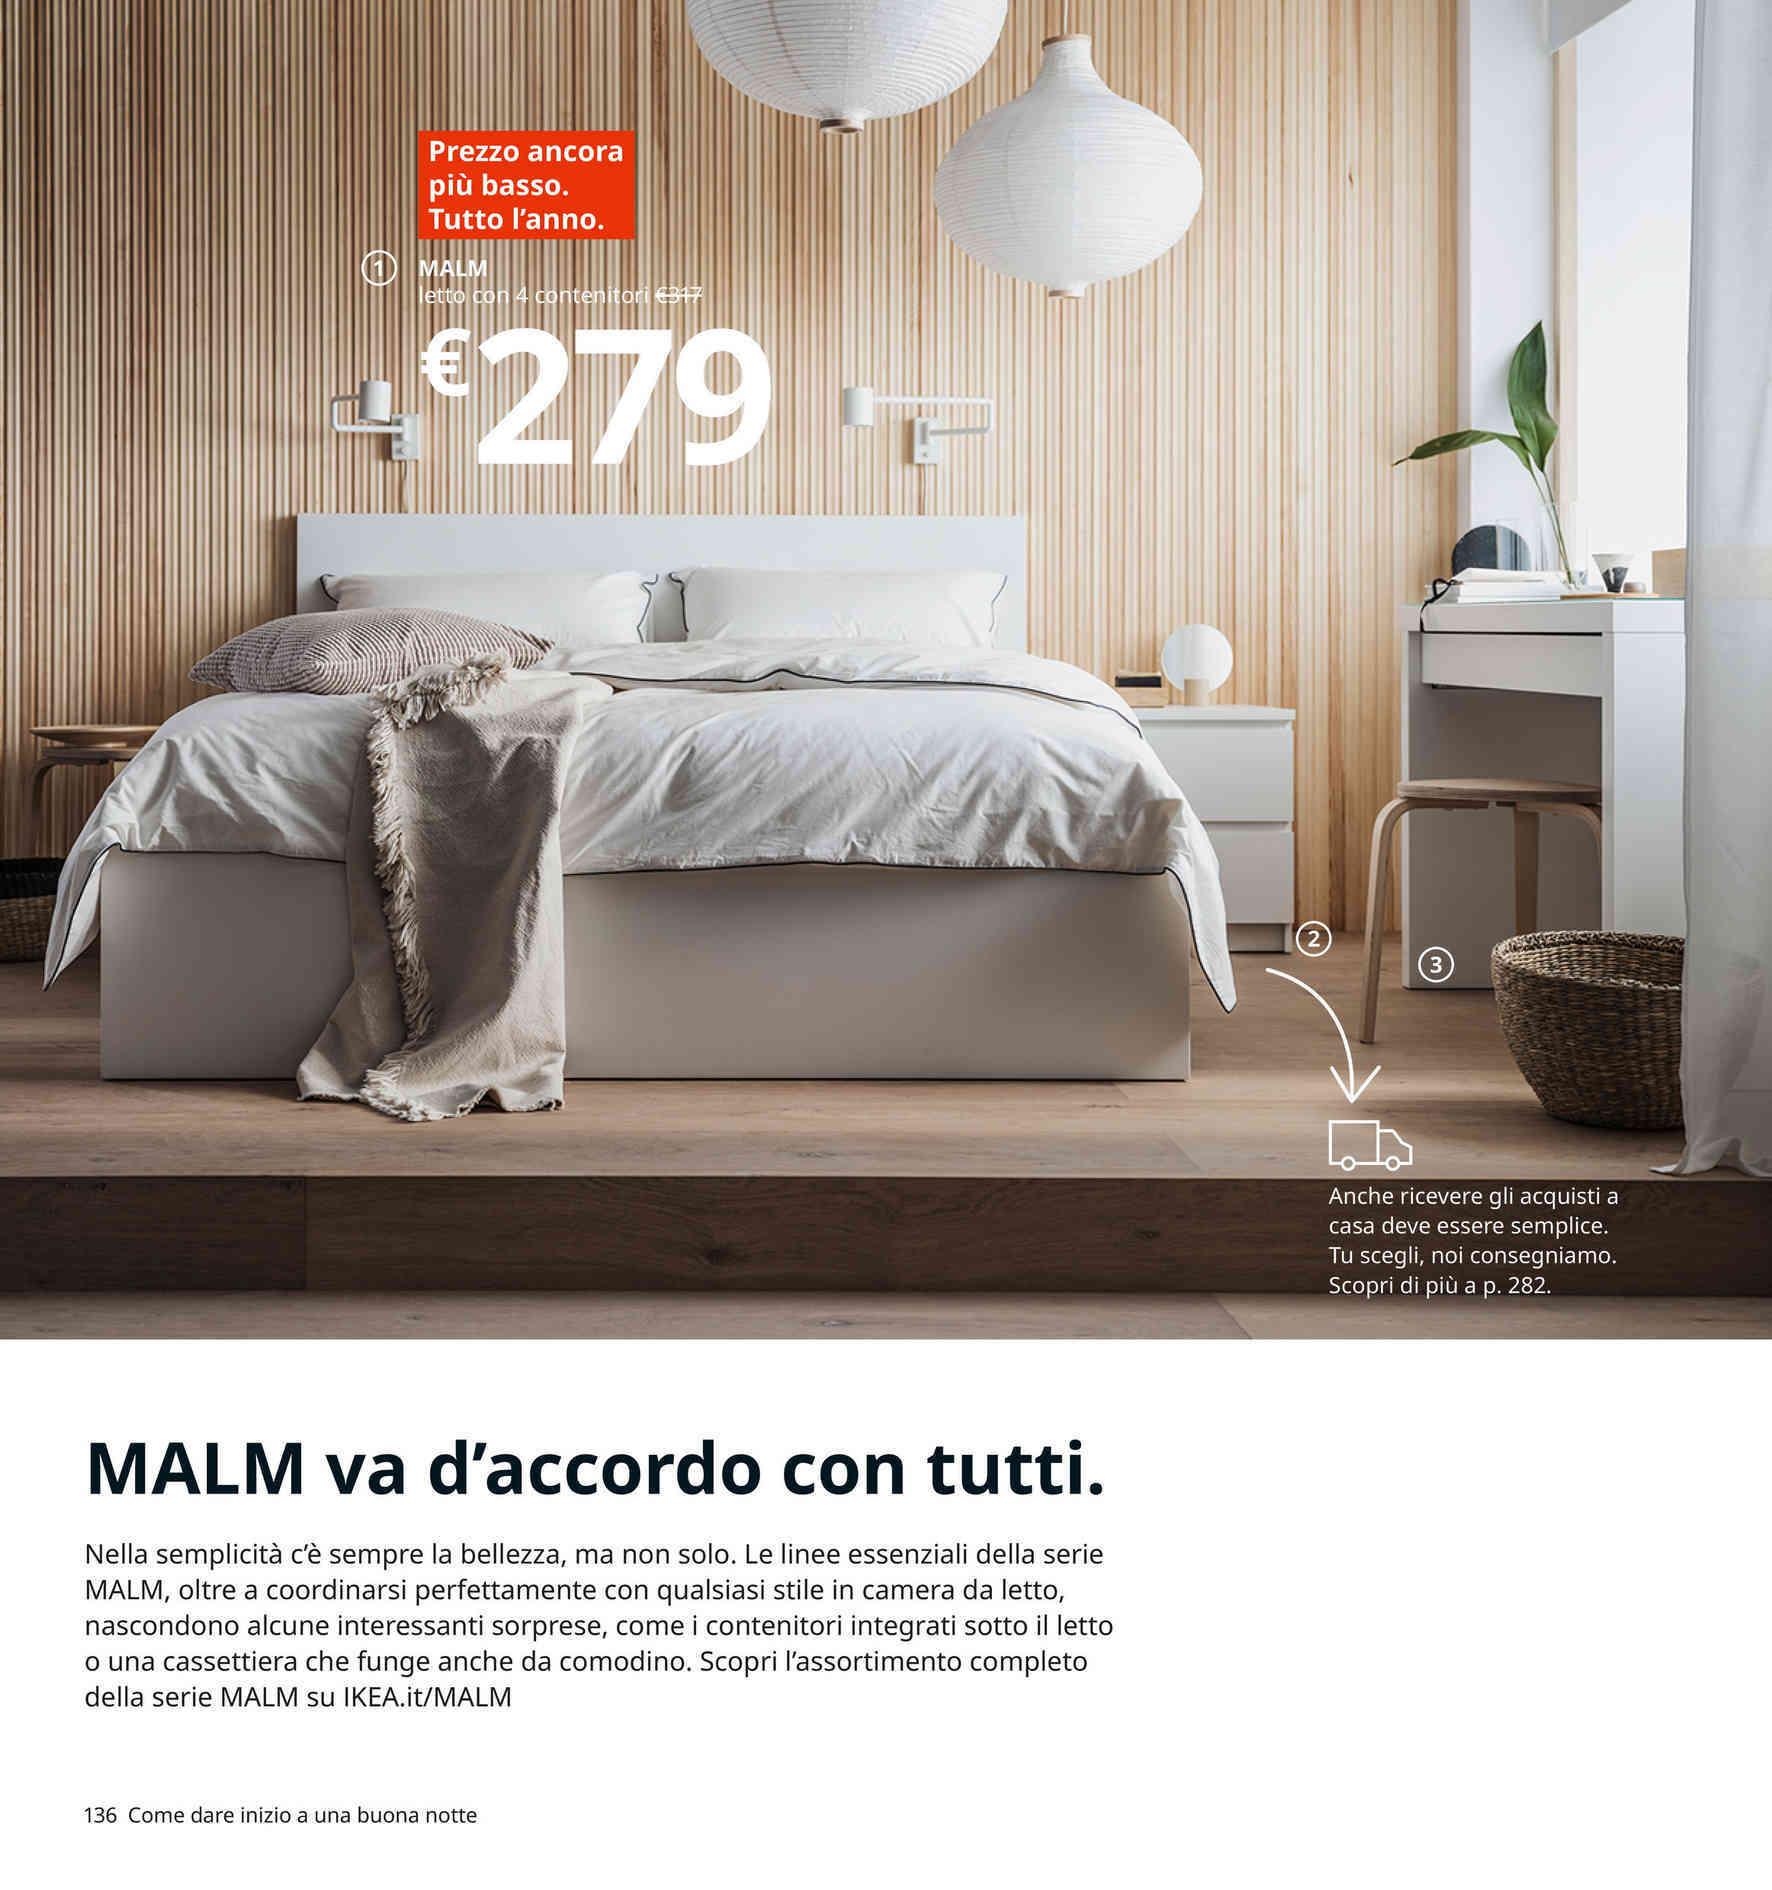 Offerte Letti Contenitore A Ancona Negozi Per Arredare Casa Promoqui